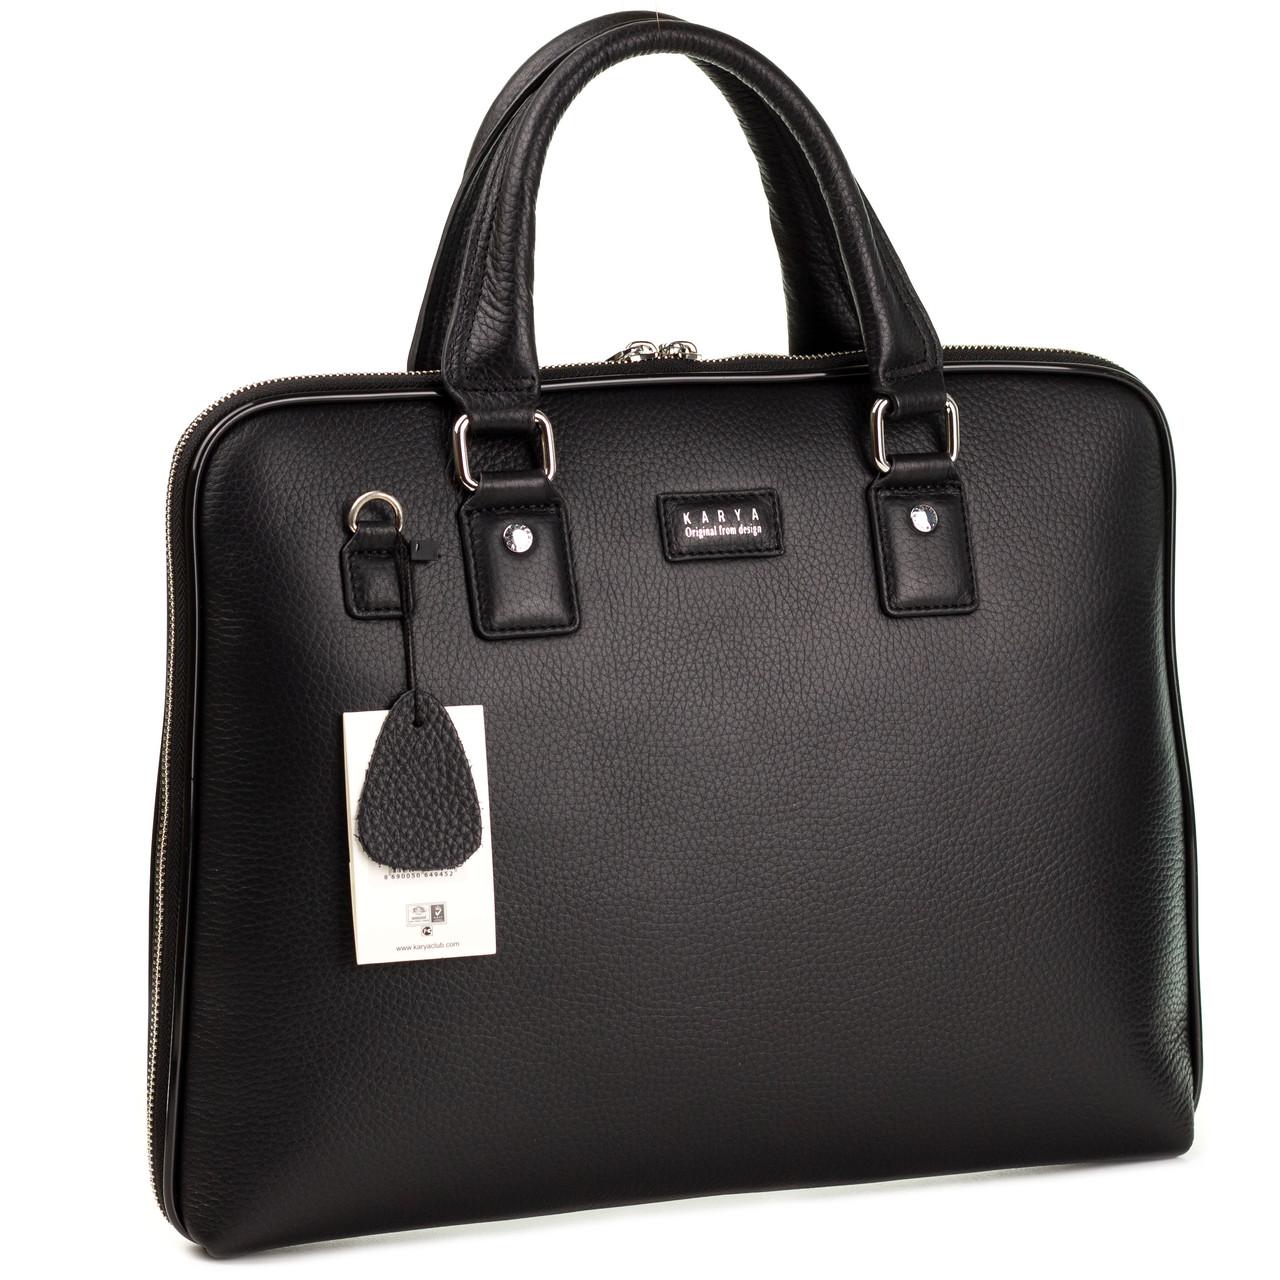 Чоловічий портфель сумка Karya 0649-45 з м'якої шкіри чорний